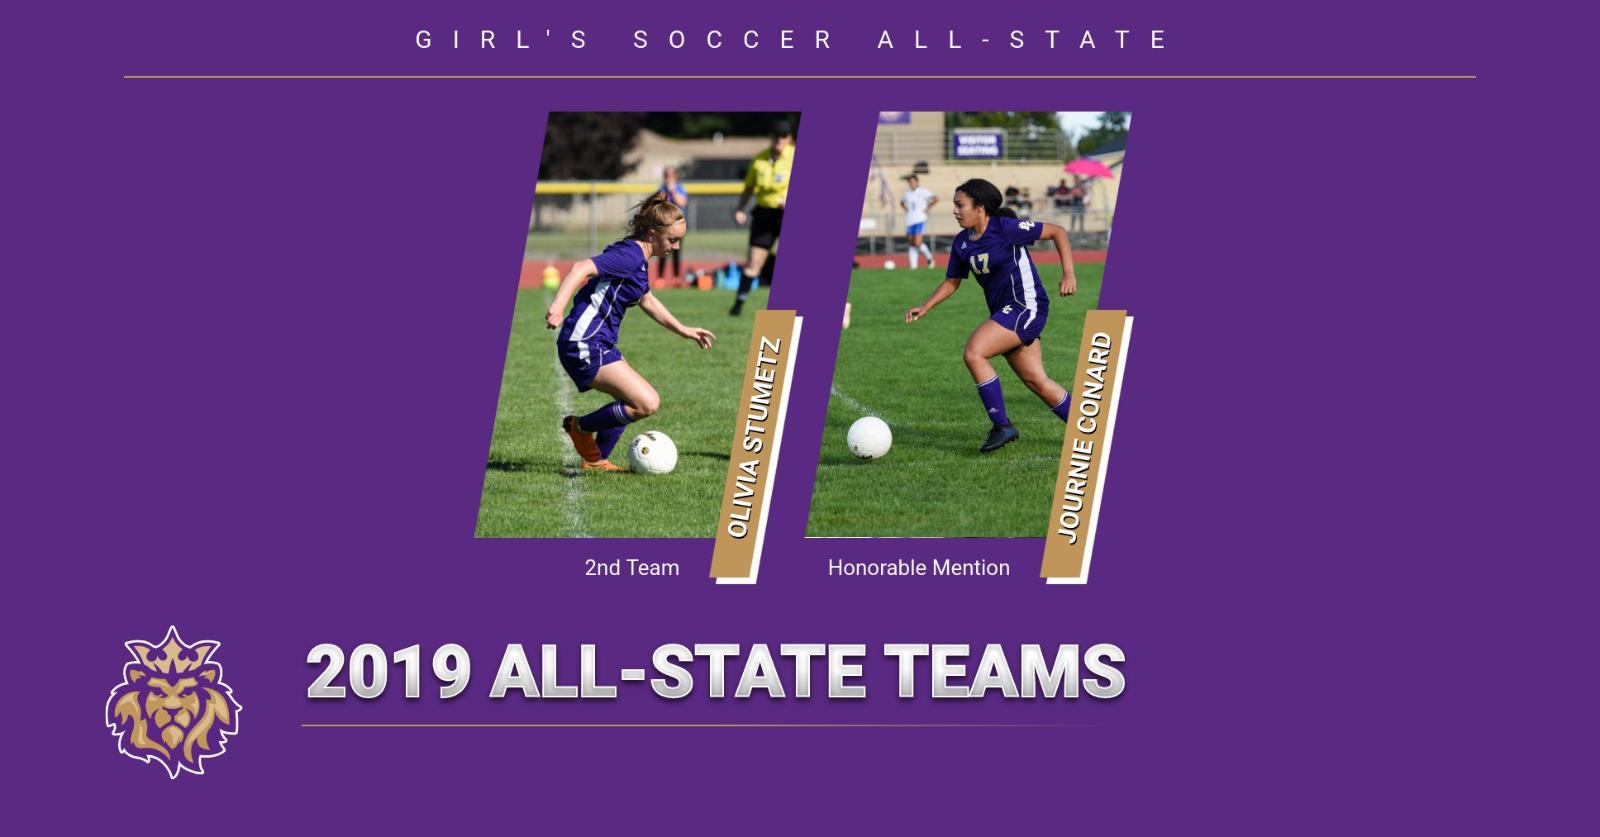 Girls Soccer All-State